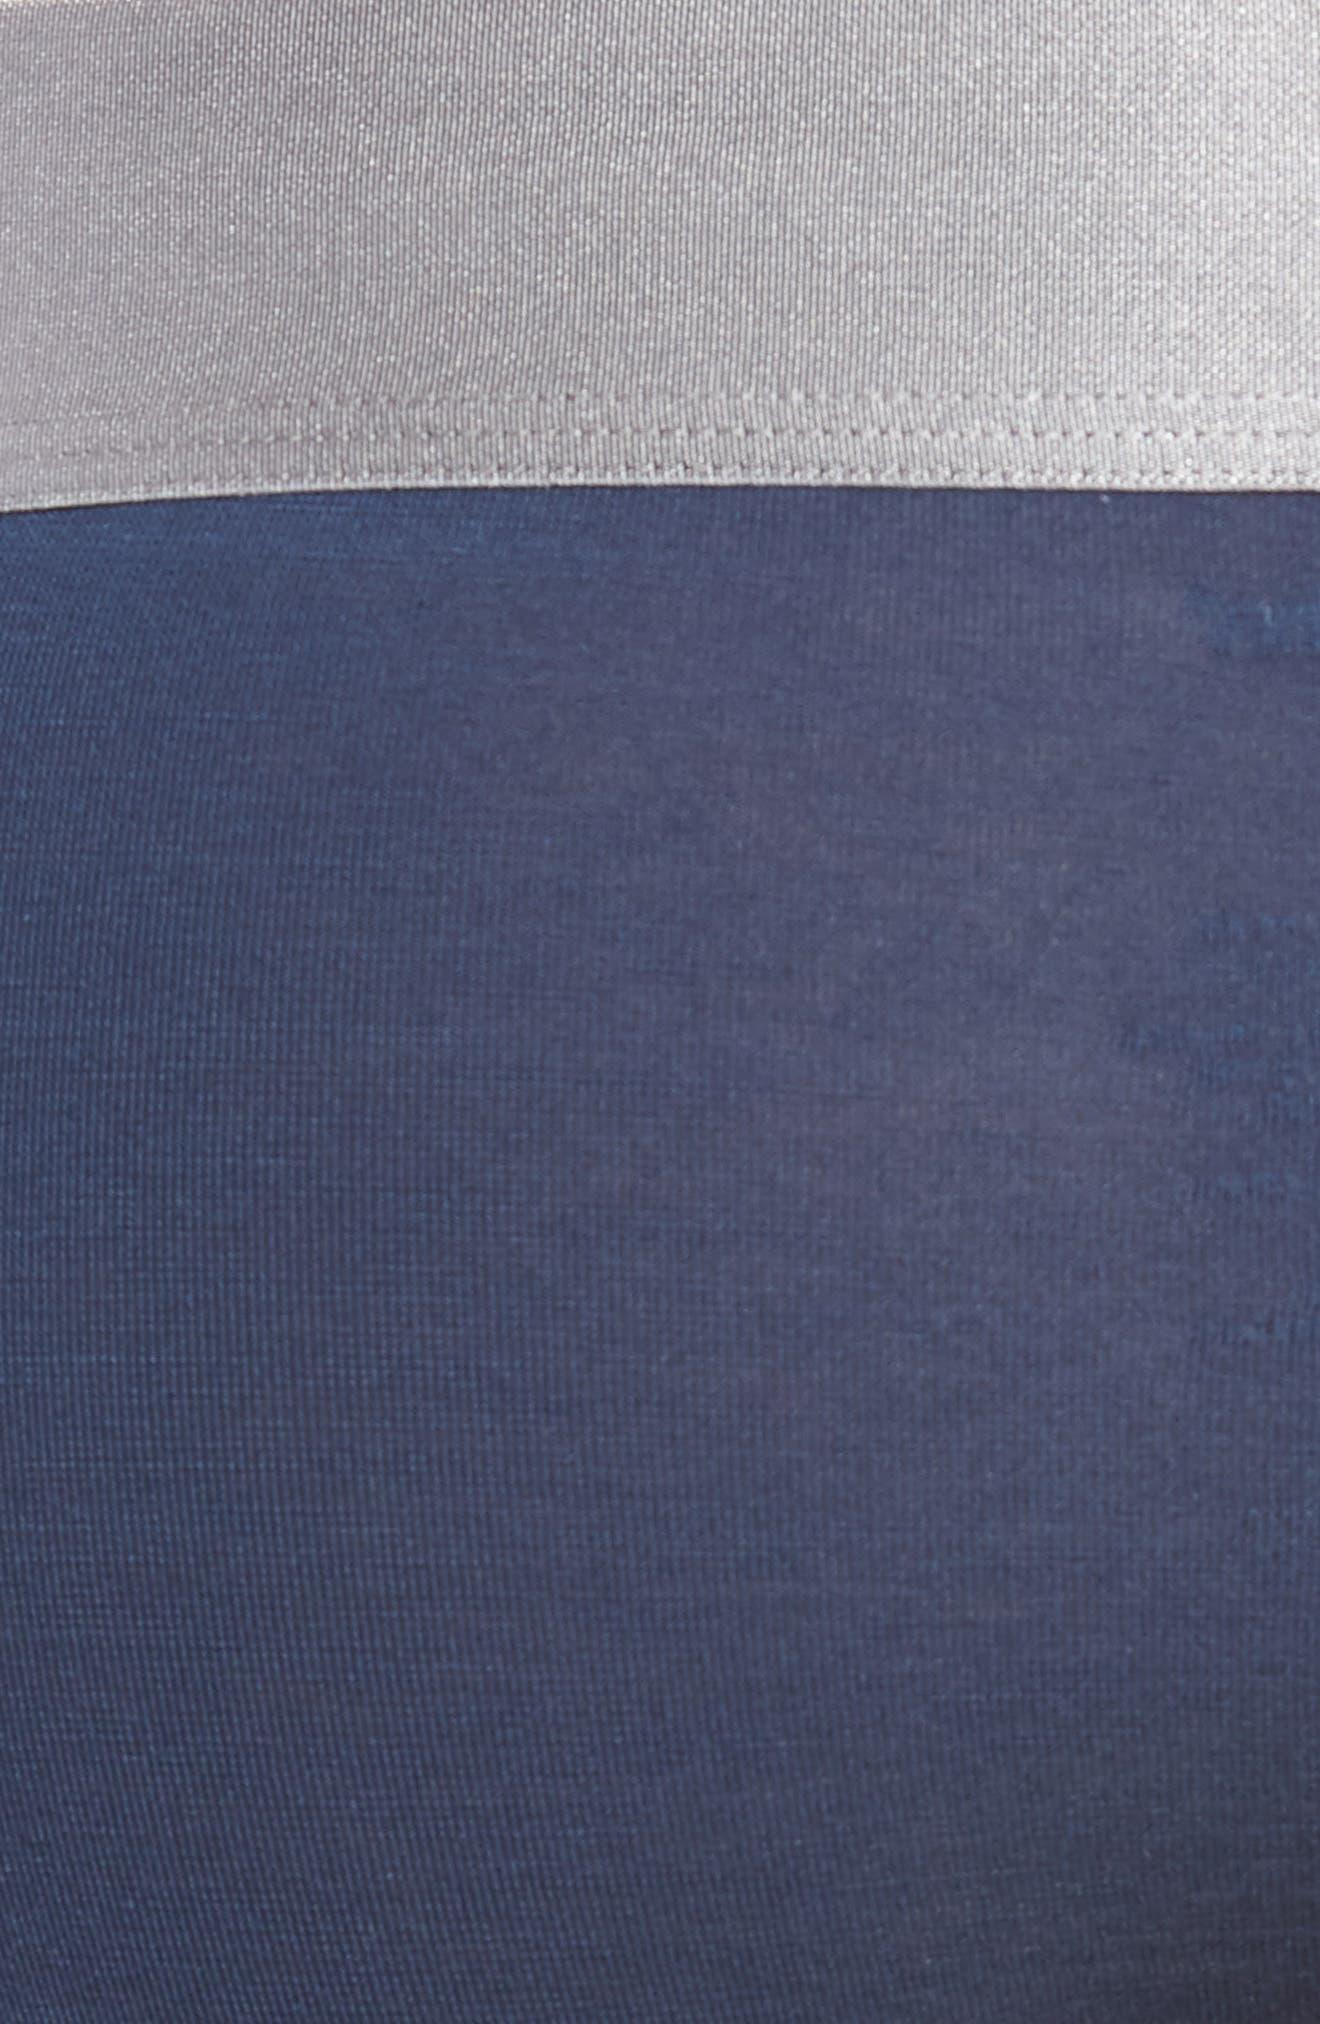 Second Skin Titanium Briefs,                             Alternate thumbnail 5, color,                             DRESS BLUES